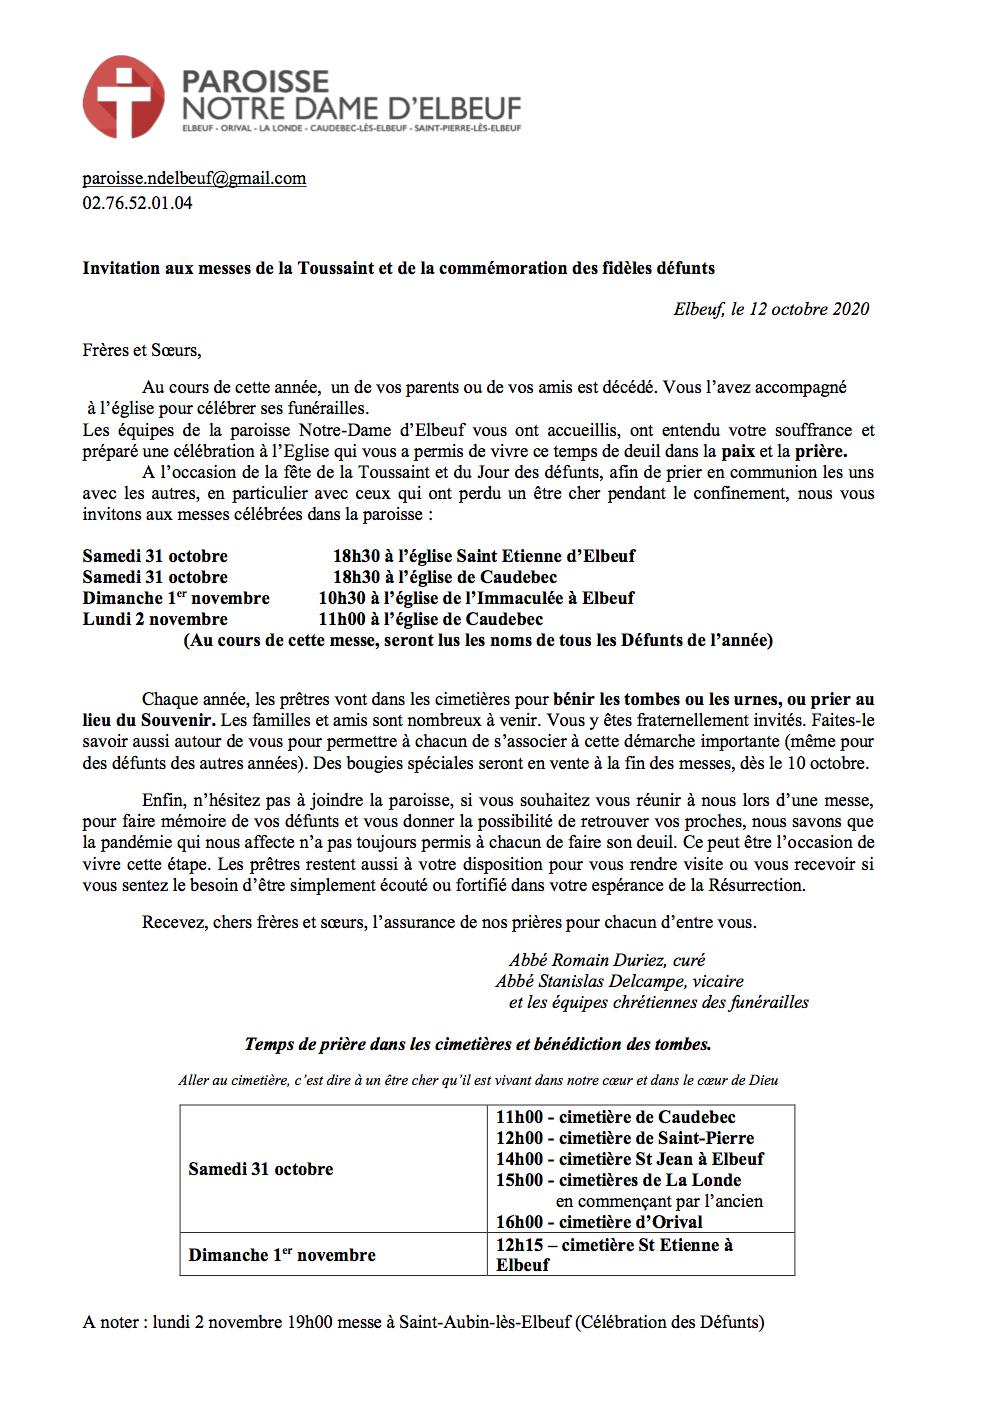 InvitationMesseToussaintDéfunts